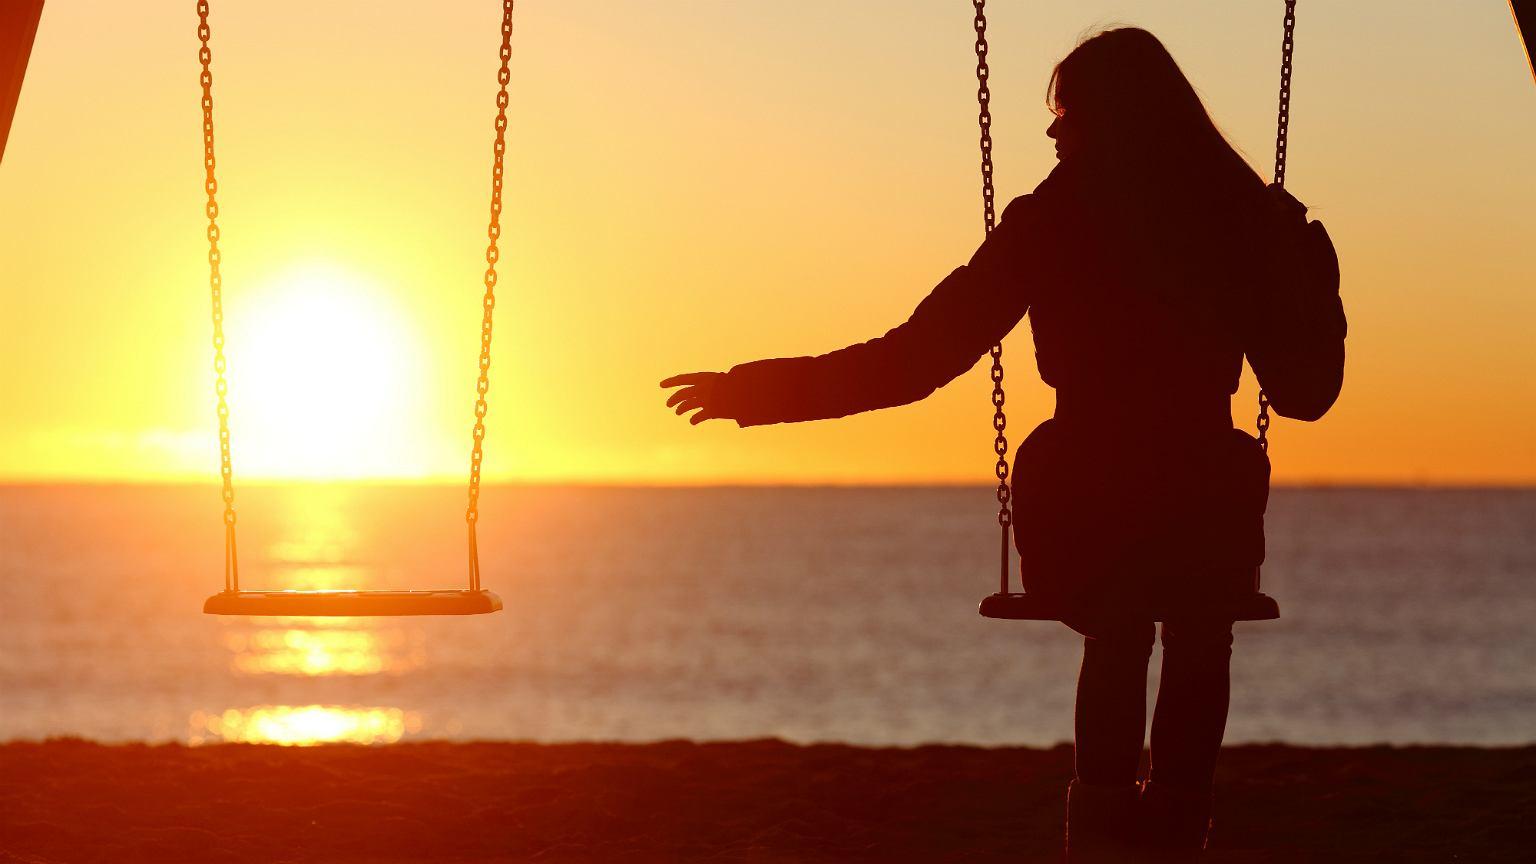 Aplikacje randkowe karmią się ludzkim cierpieniem i samotnością (fot: Shutterstock)